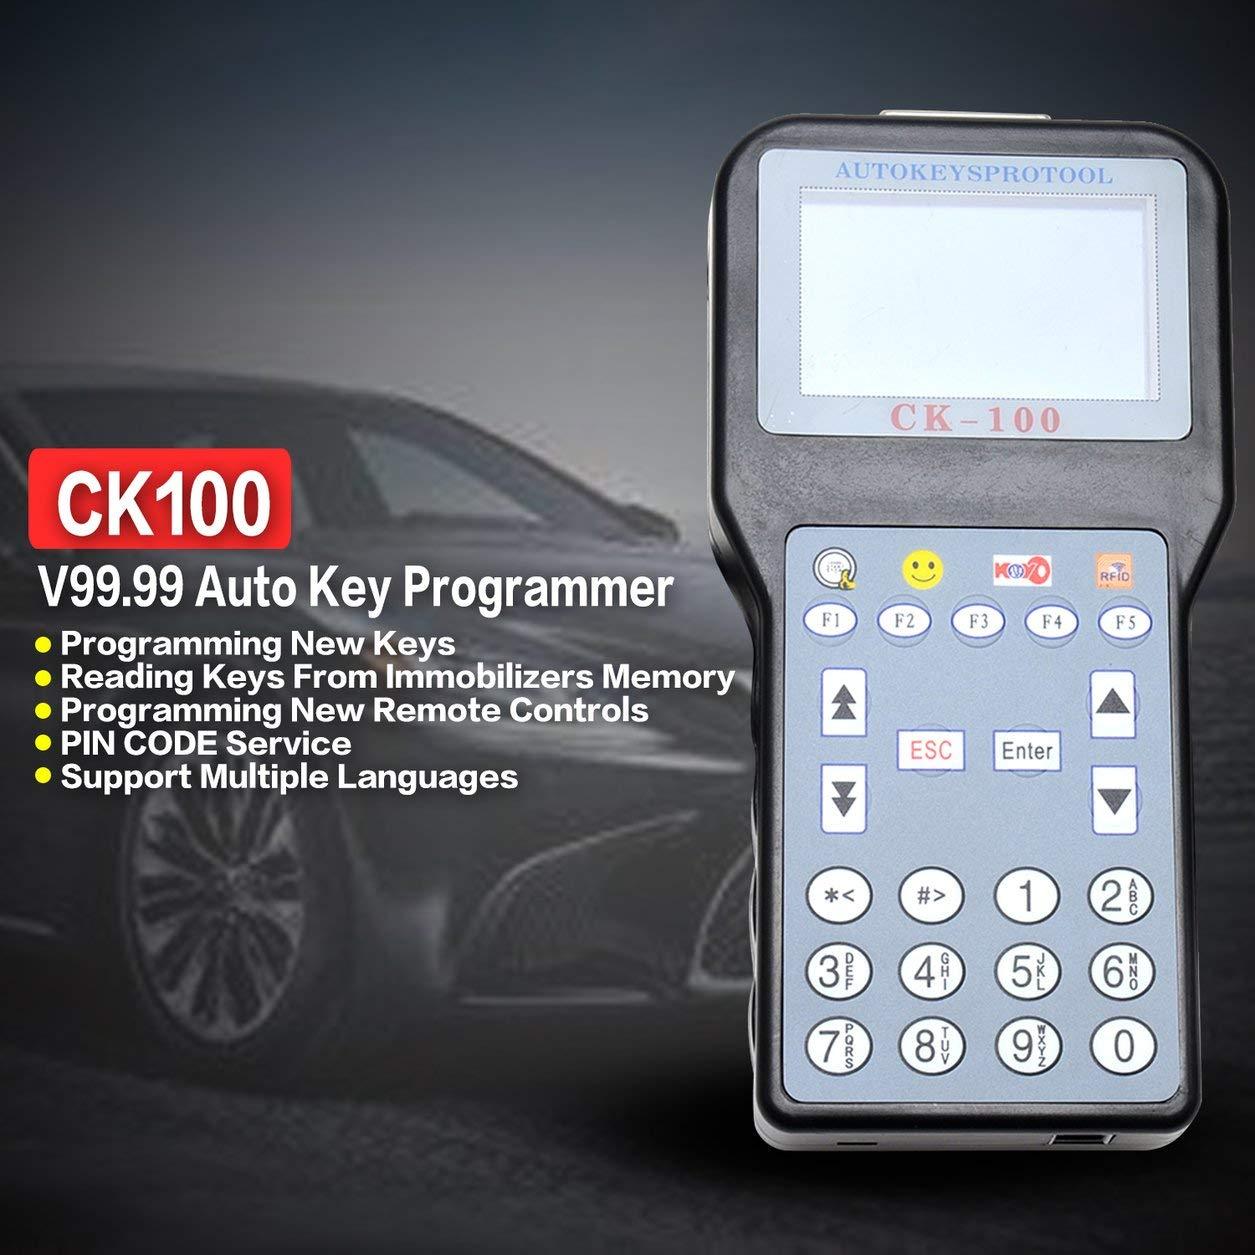 CK-100 Neueste Generation SBB Autoschlü ssel Maker Auto Selbstschlü sselprogrammierer V99.99 OBD2 Transponder 1024 Tokens (Farbe: Schwarz) Dailyinshop